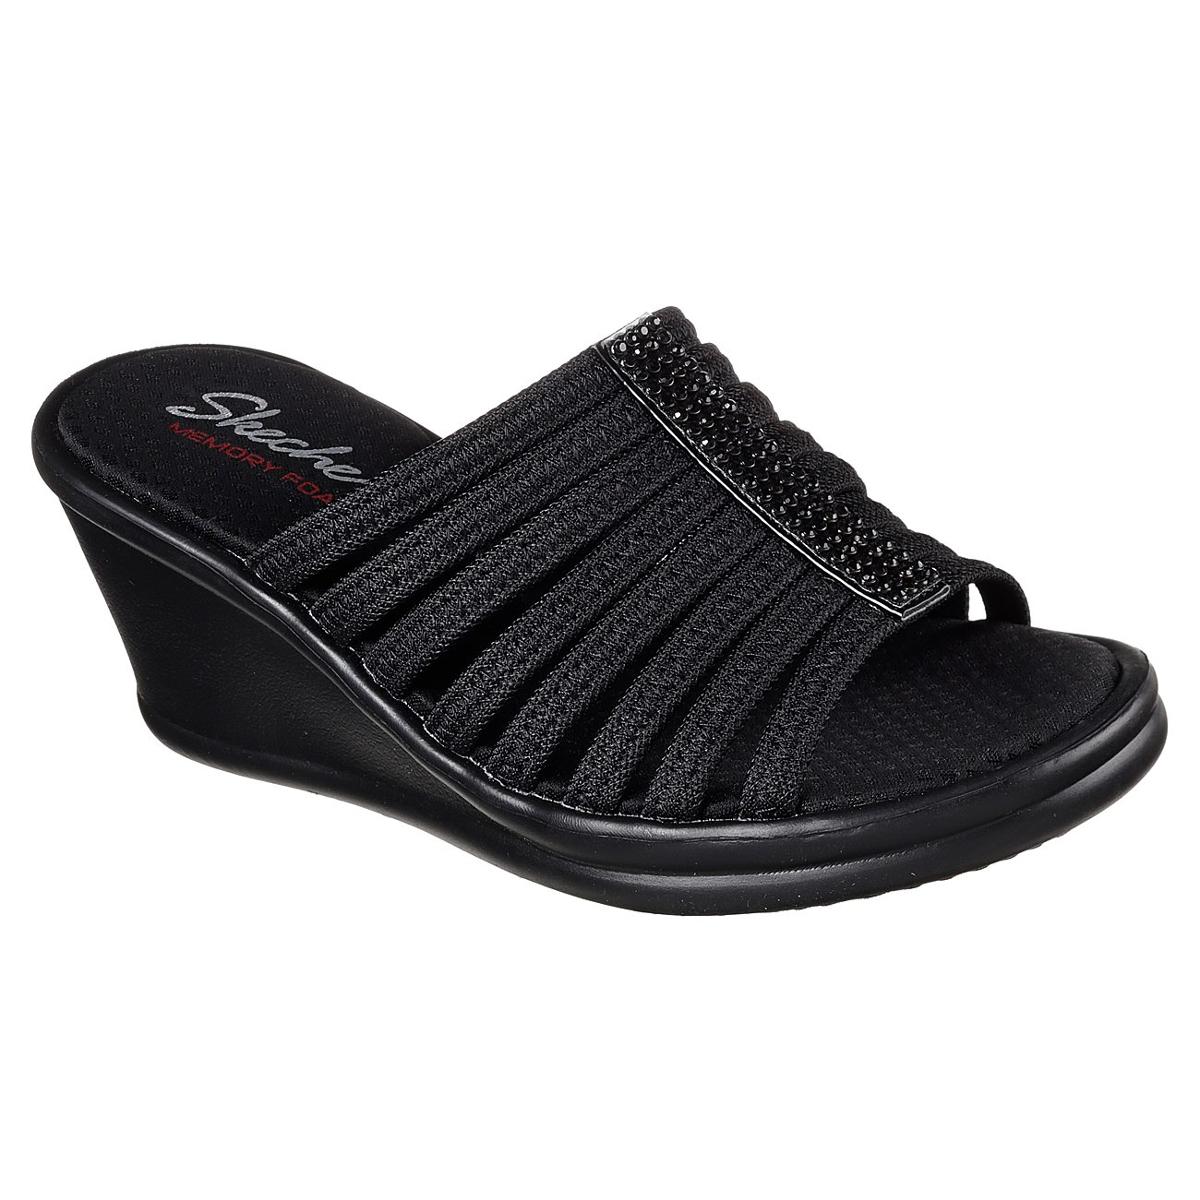 Skechers Women's Rumblers -  Hotshot Sandals - Black, 9